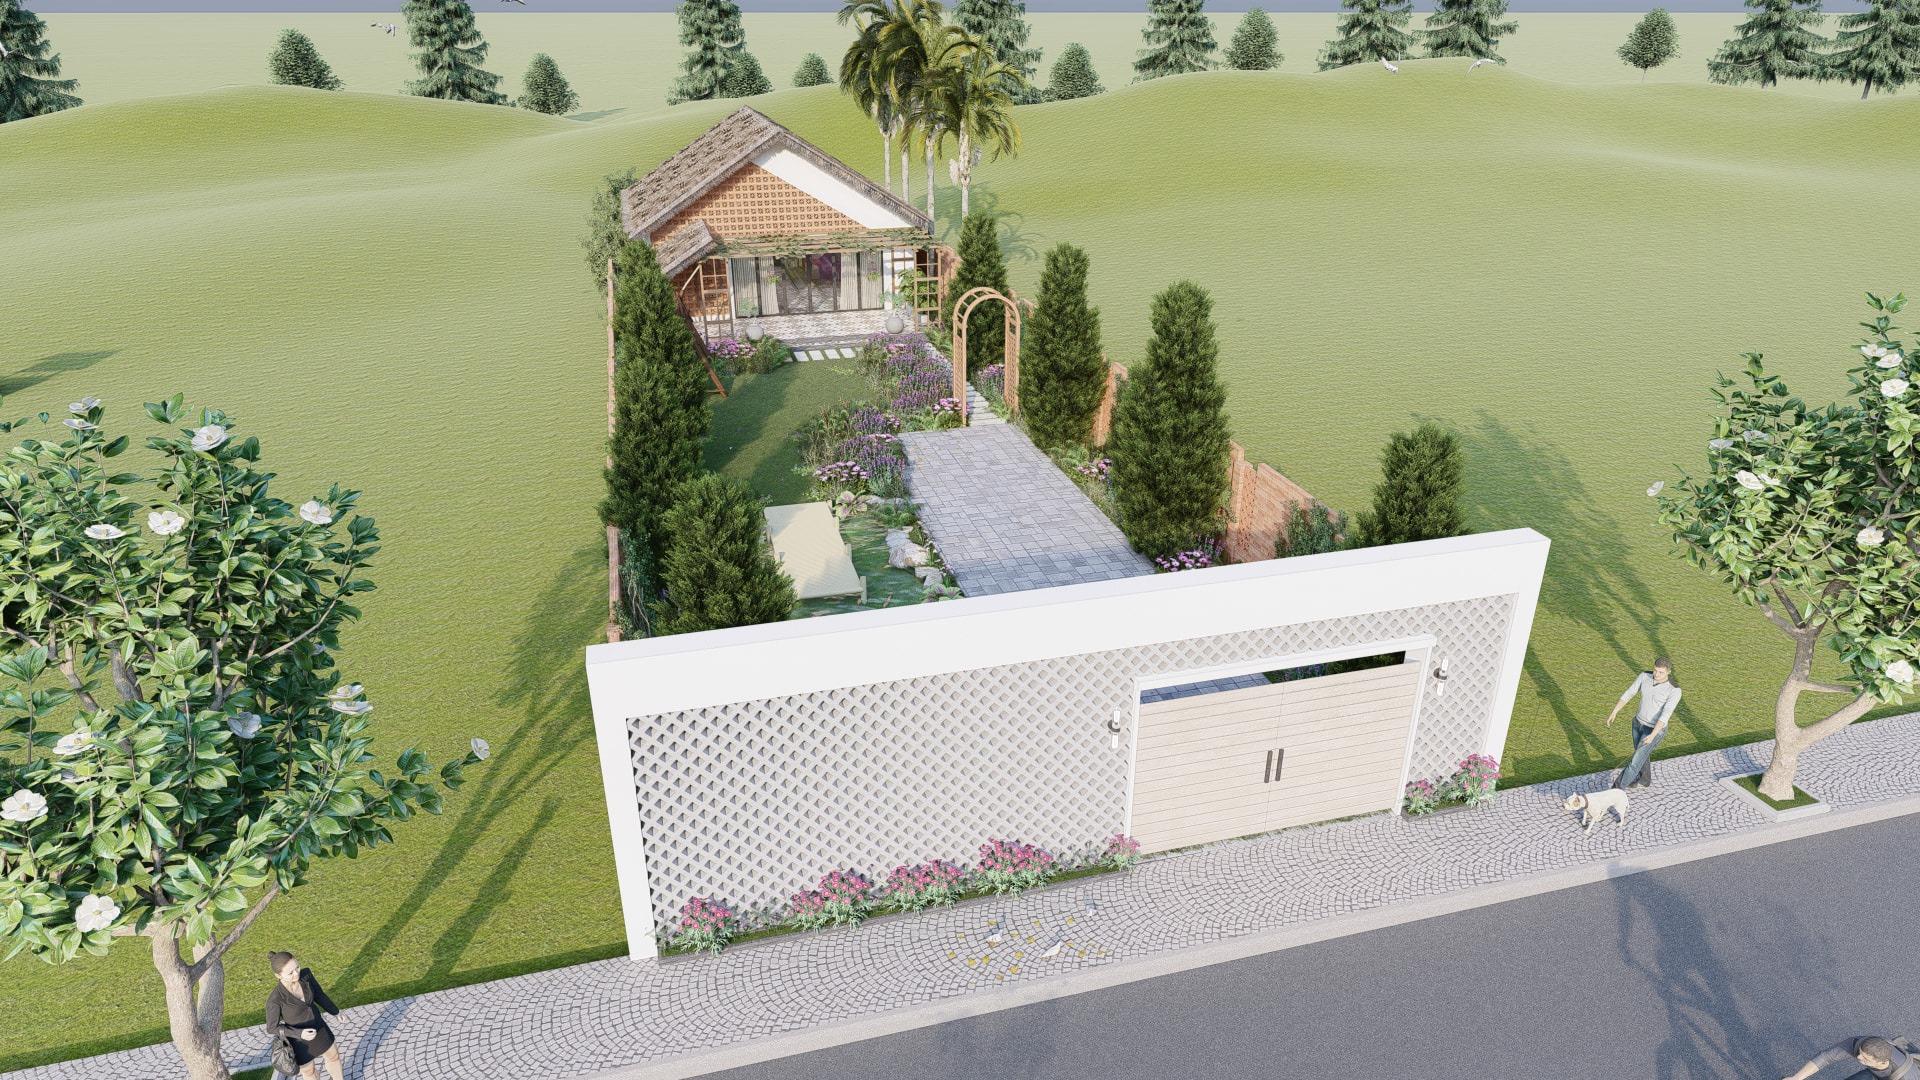 thiết kế Nhà tại Đồng Nai NHÀ SINH HOẠT TUẦN ,NGHĨ DƯỠNG  4 1557156707